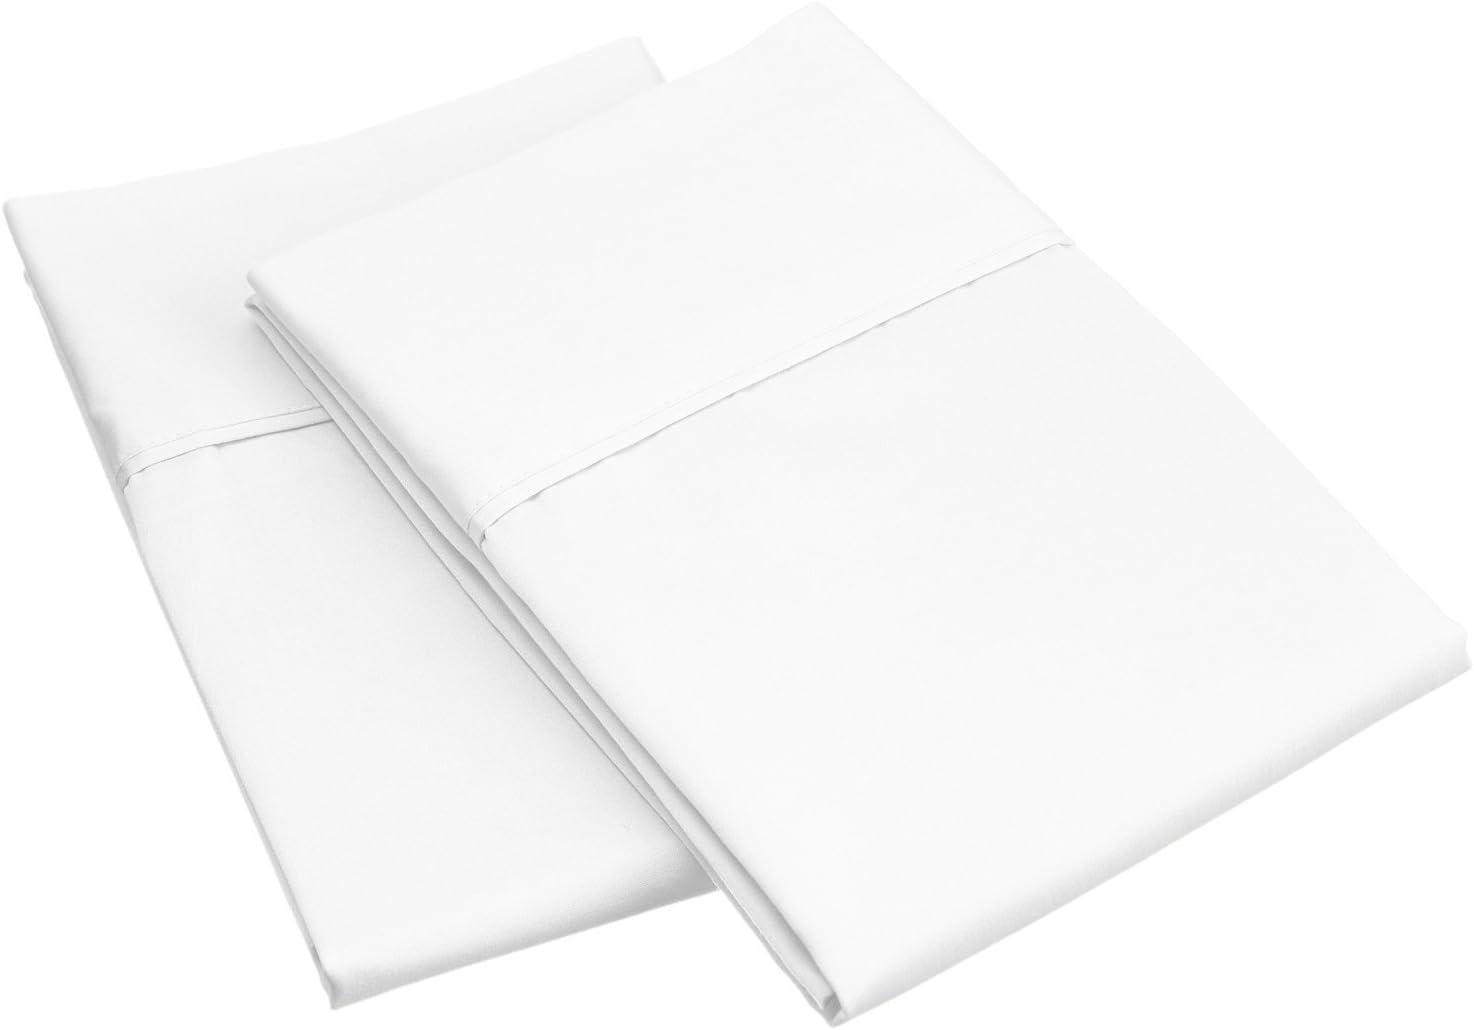 SUPERIOR 800 Thread Count 100% Egyptian Cotton 2 Piece Pillowcase Set, White, Standard